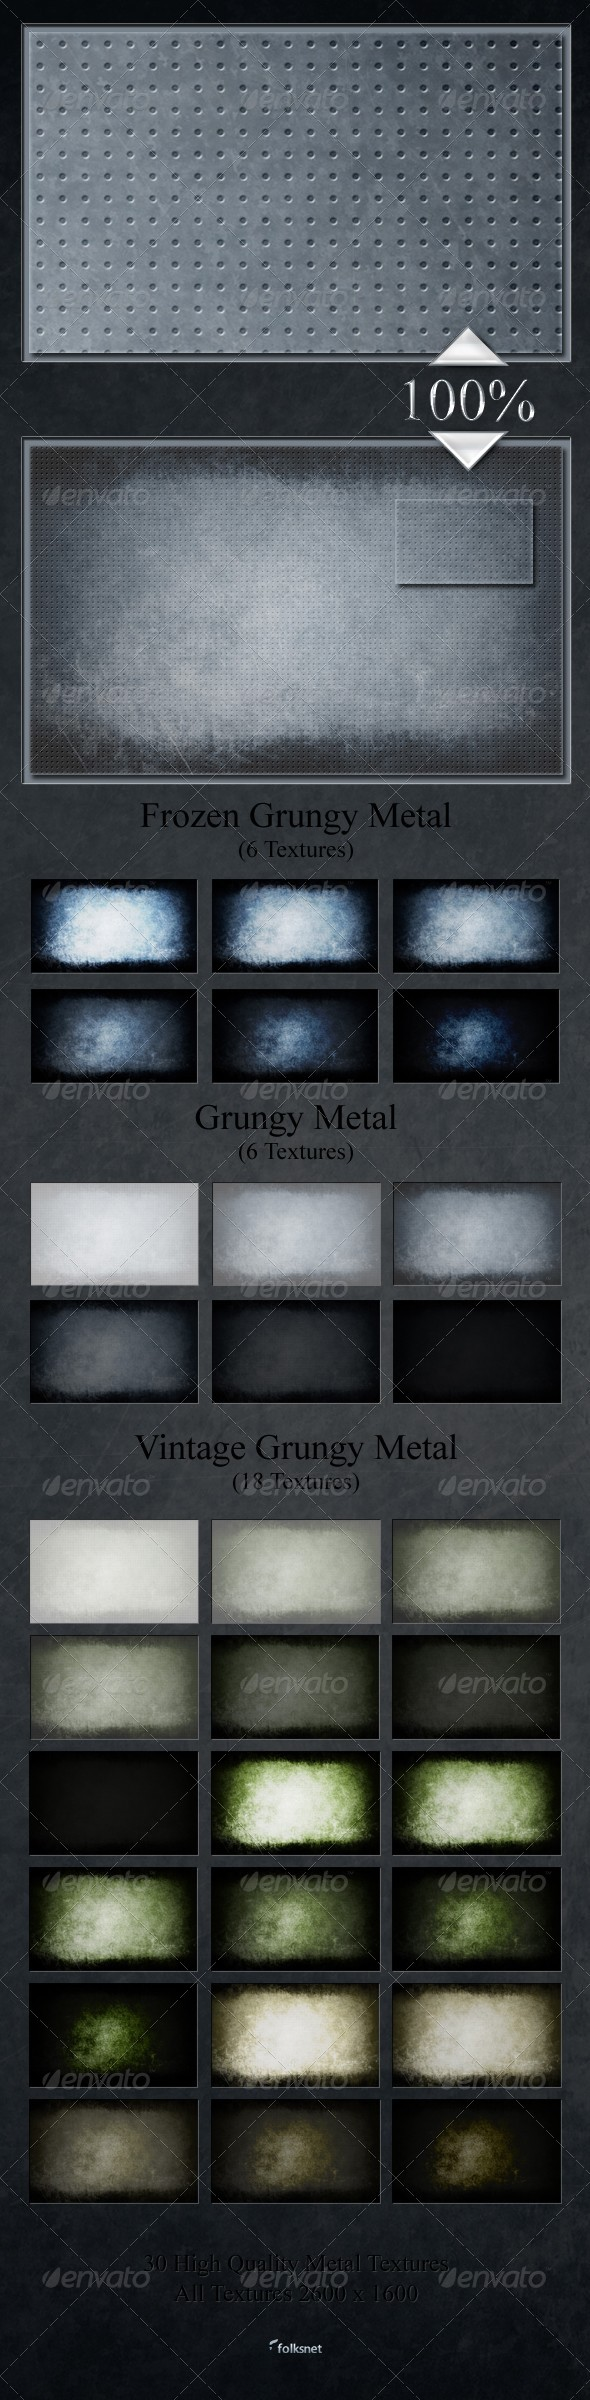 Grungy Metal Textures - Metal Textures